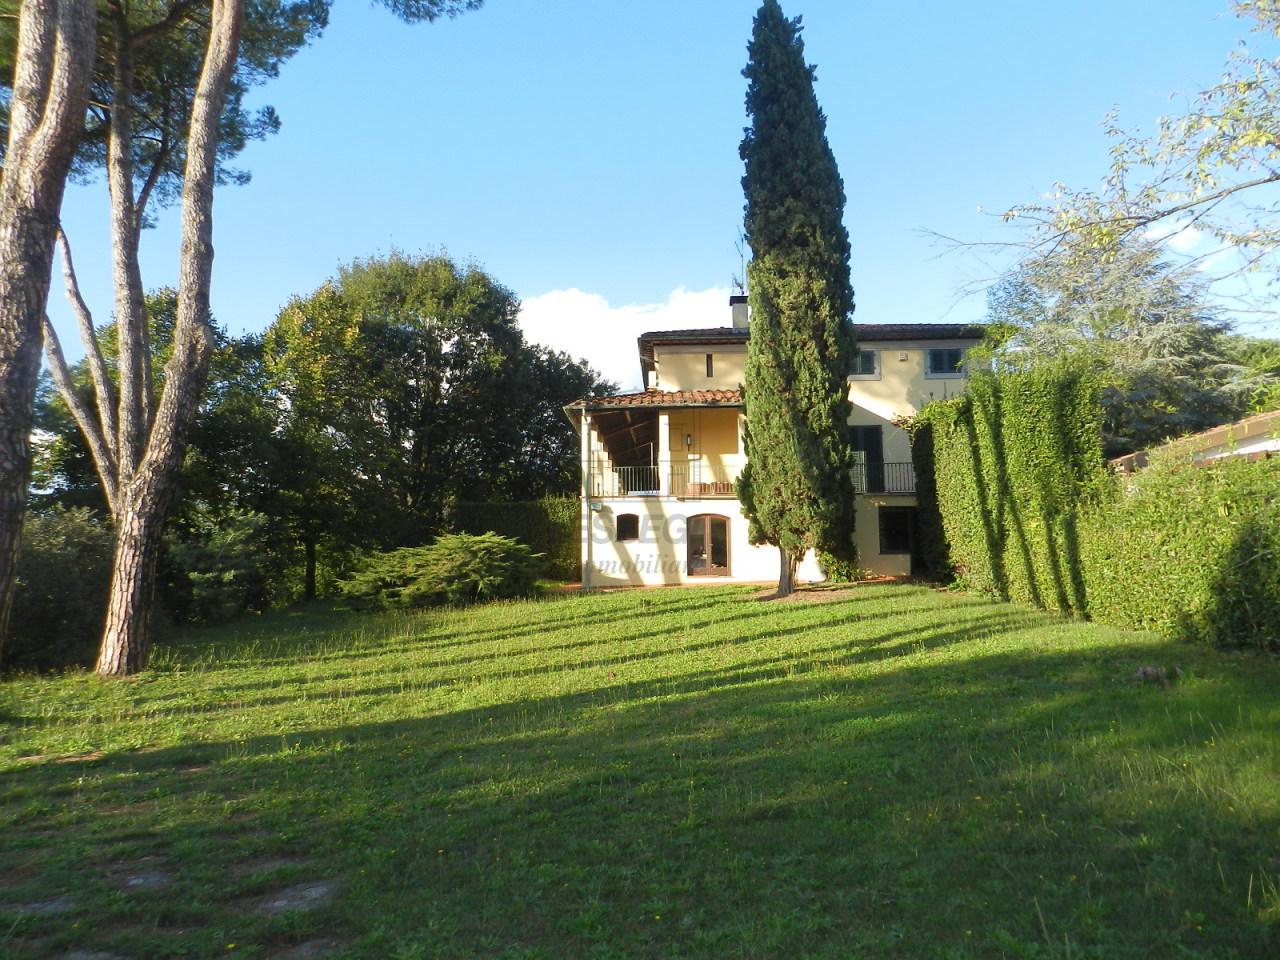 Ville unifamiliari in vendita a Porcari - Attico.it